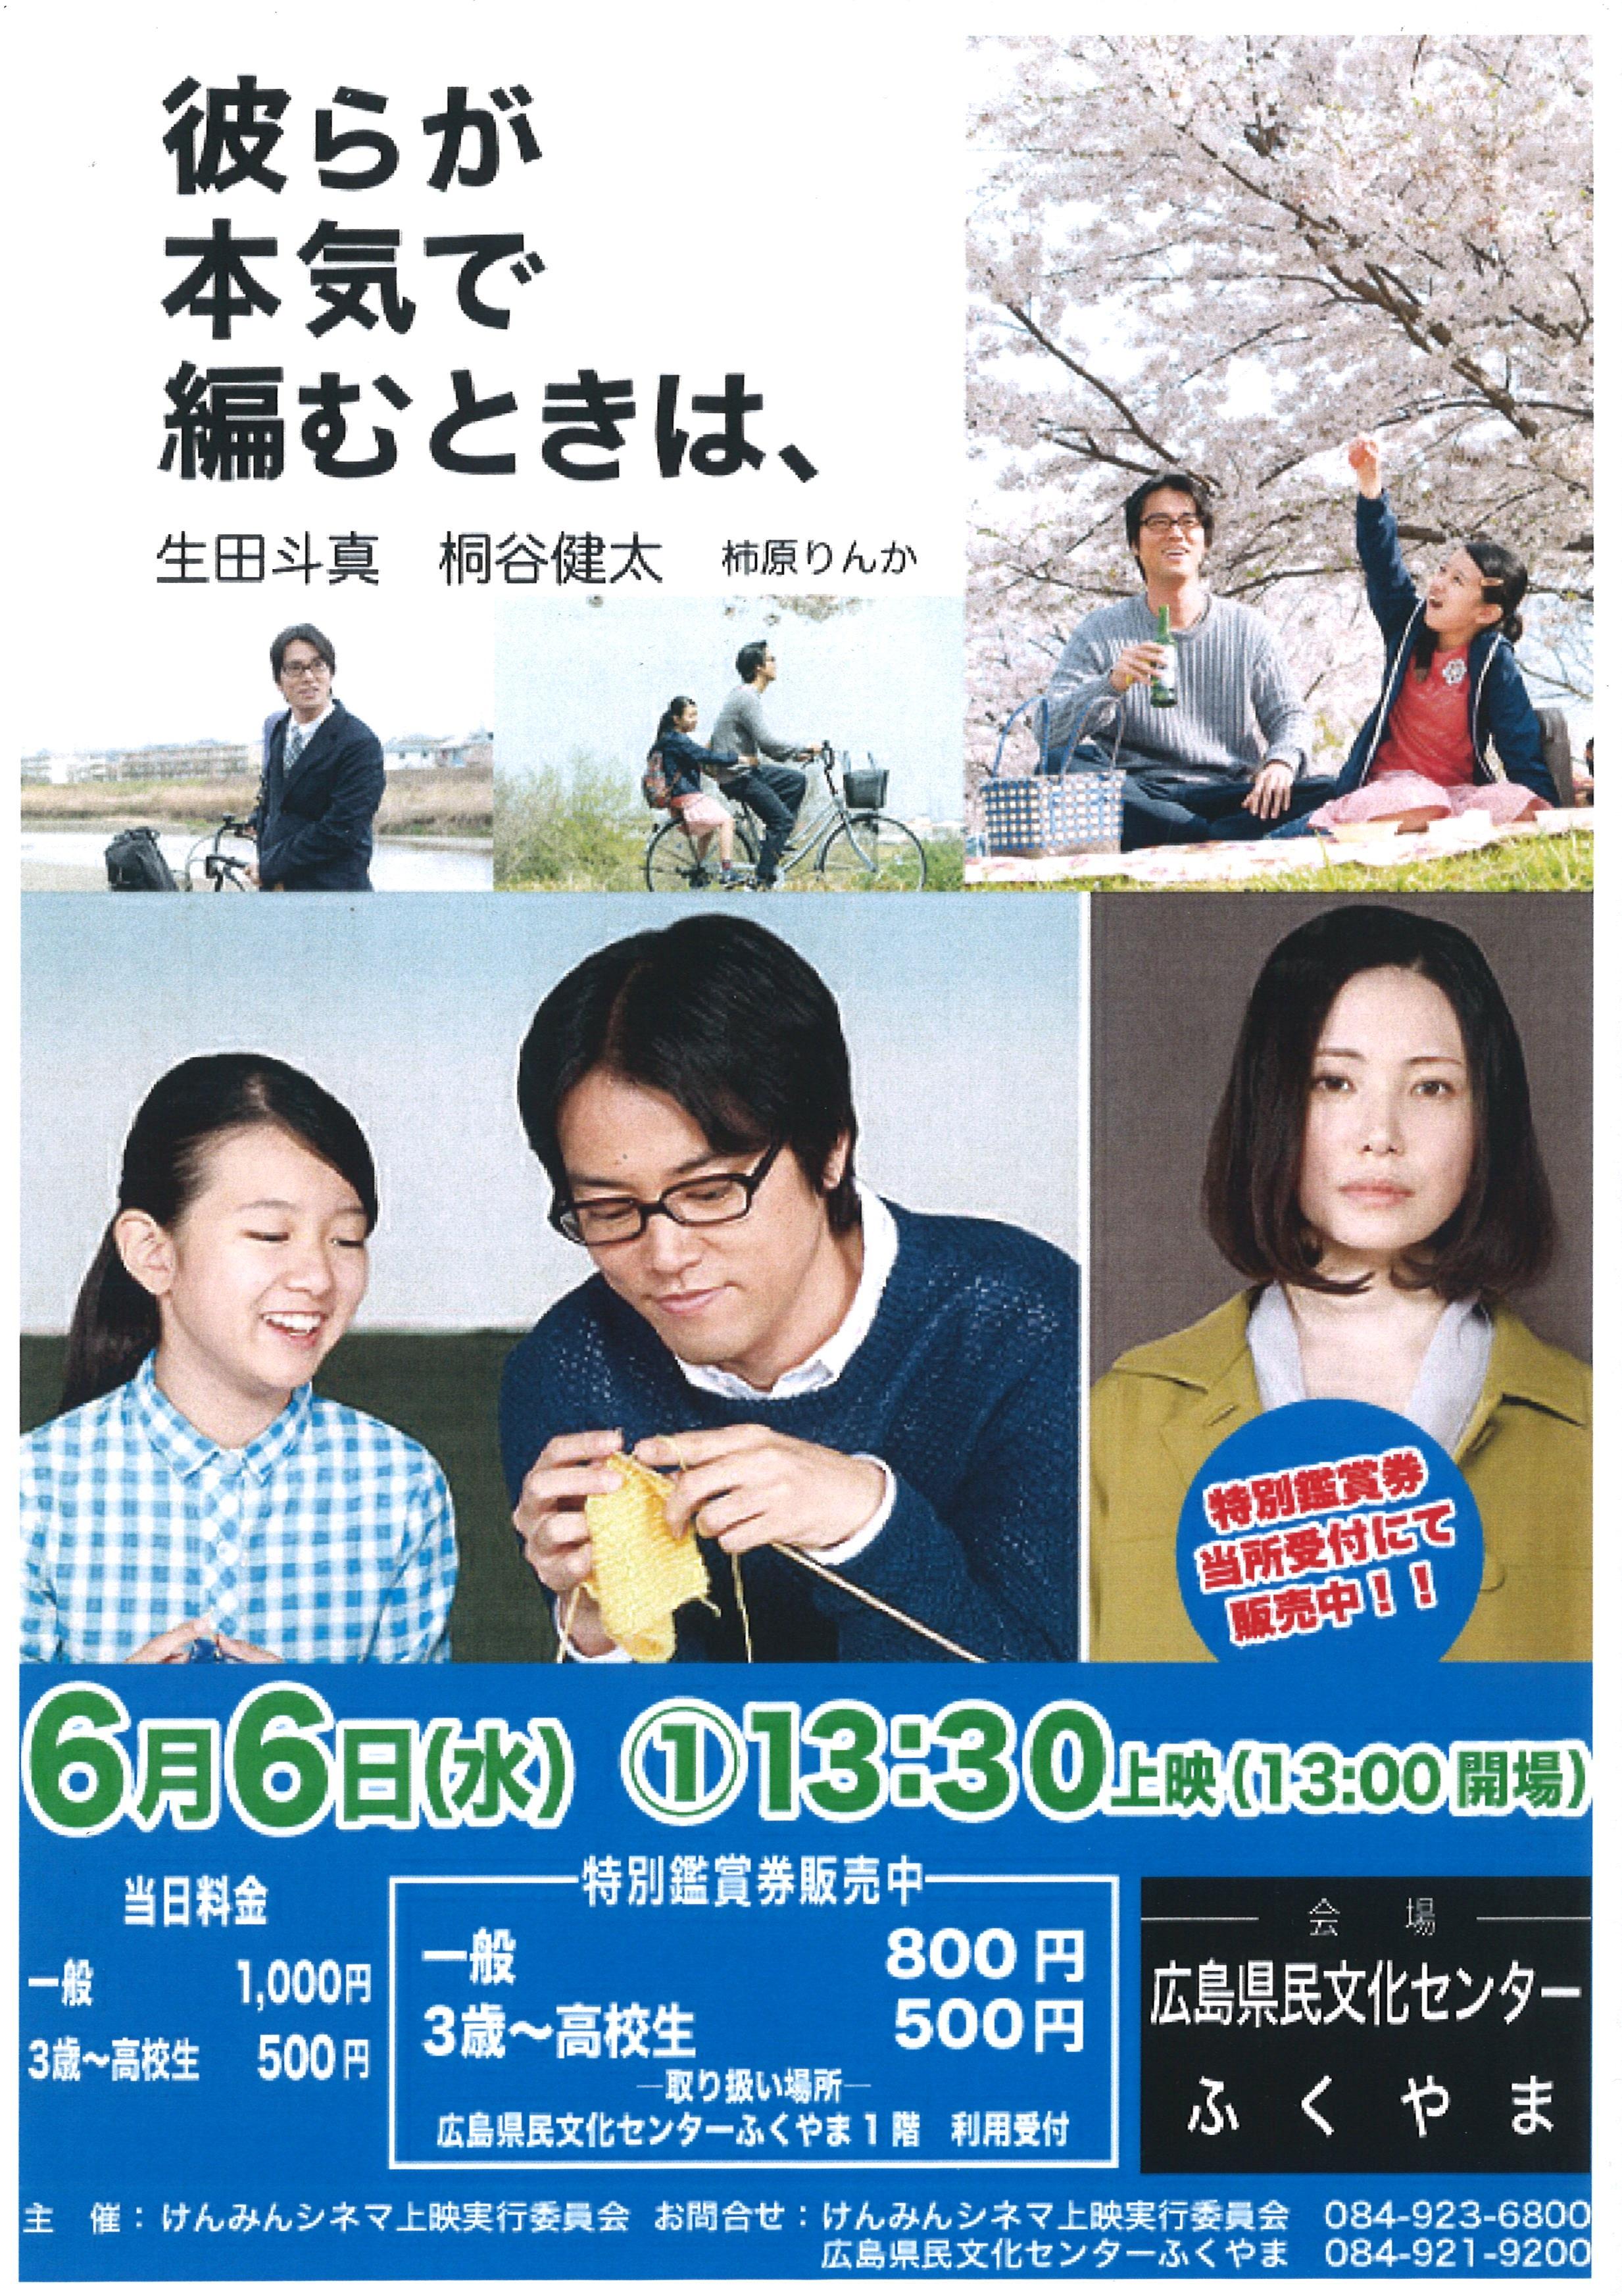 6.6けんみんシネマ上映実行委員会